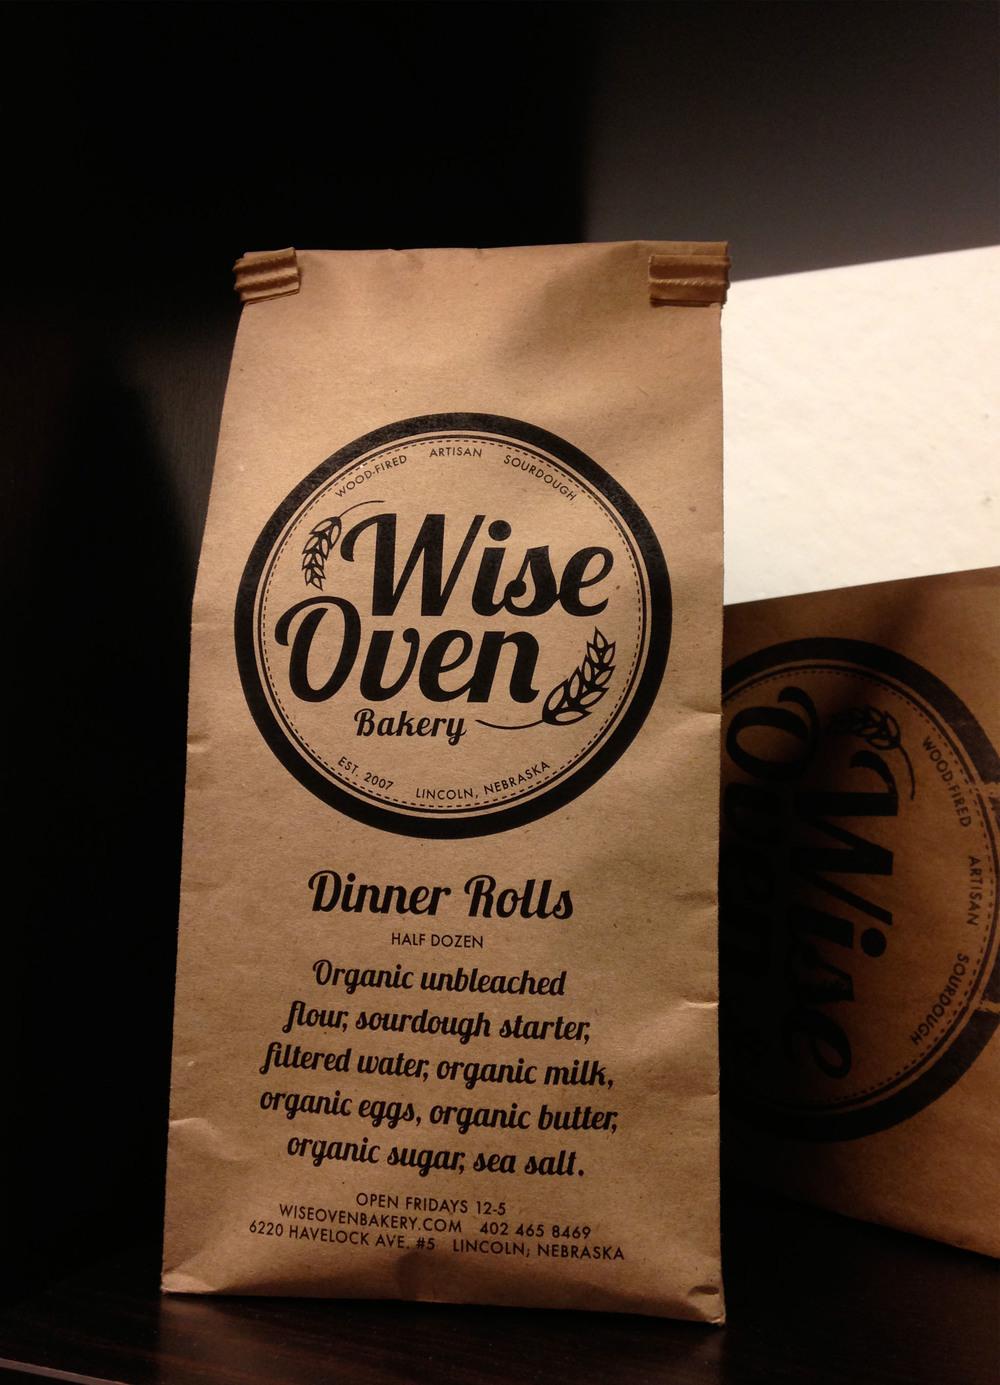 Dinner Roll Packaging